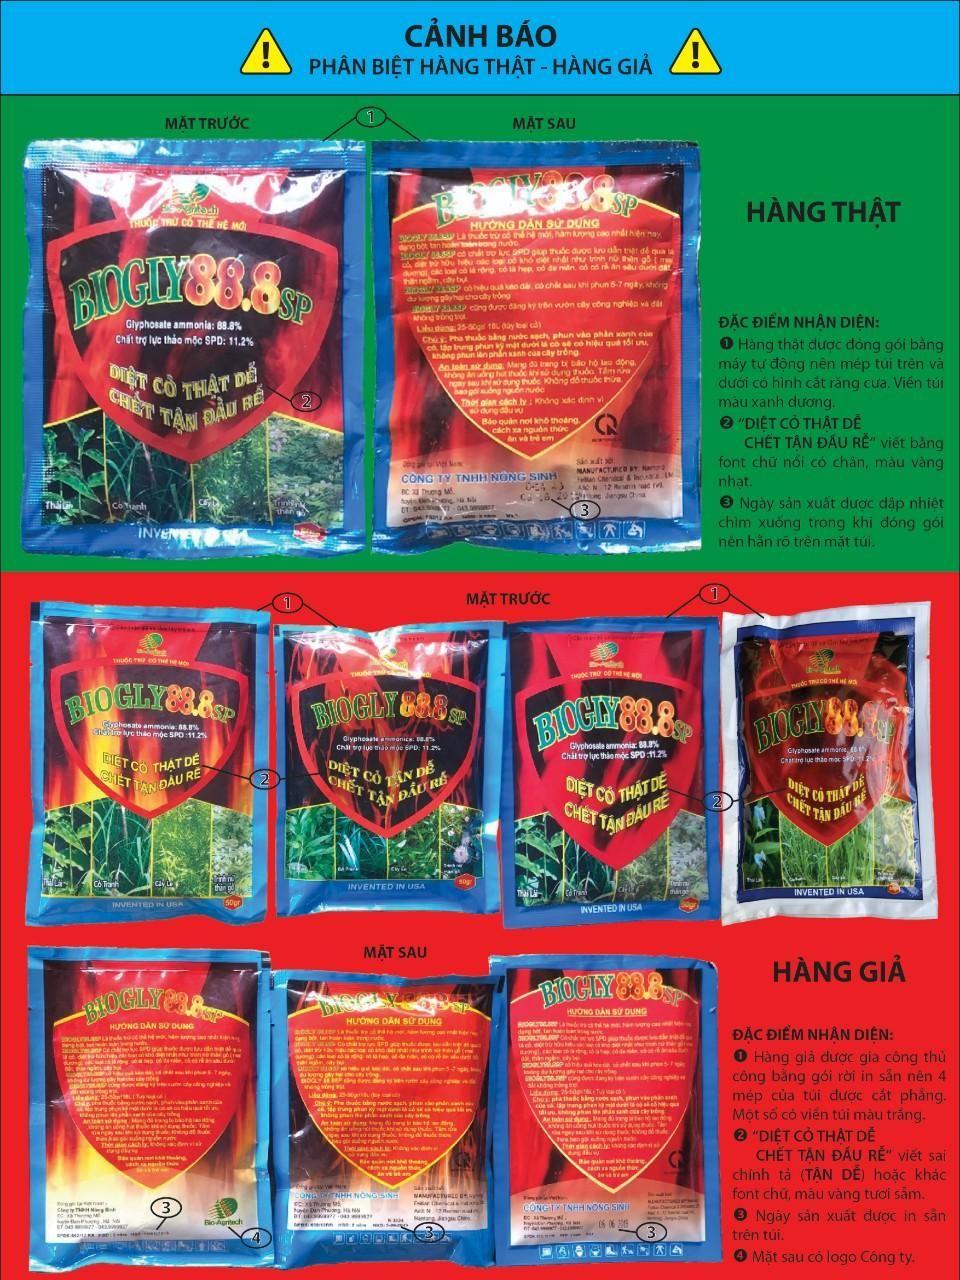 Gia Lai phát hiện 59 gói thuốc bảo vệ thực vật giả mạo nhãn hàng hóa trên bao bì hàng hóa